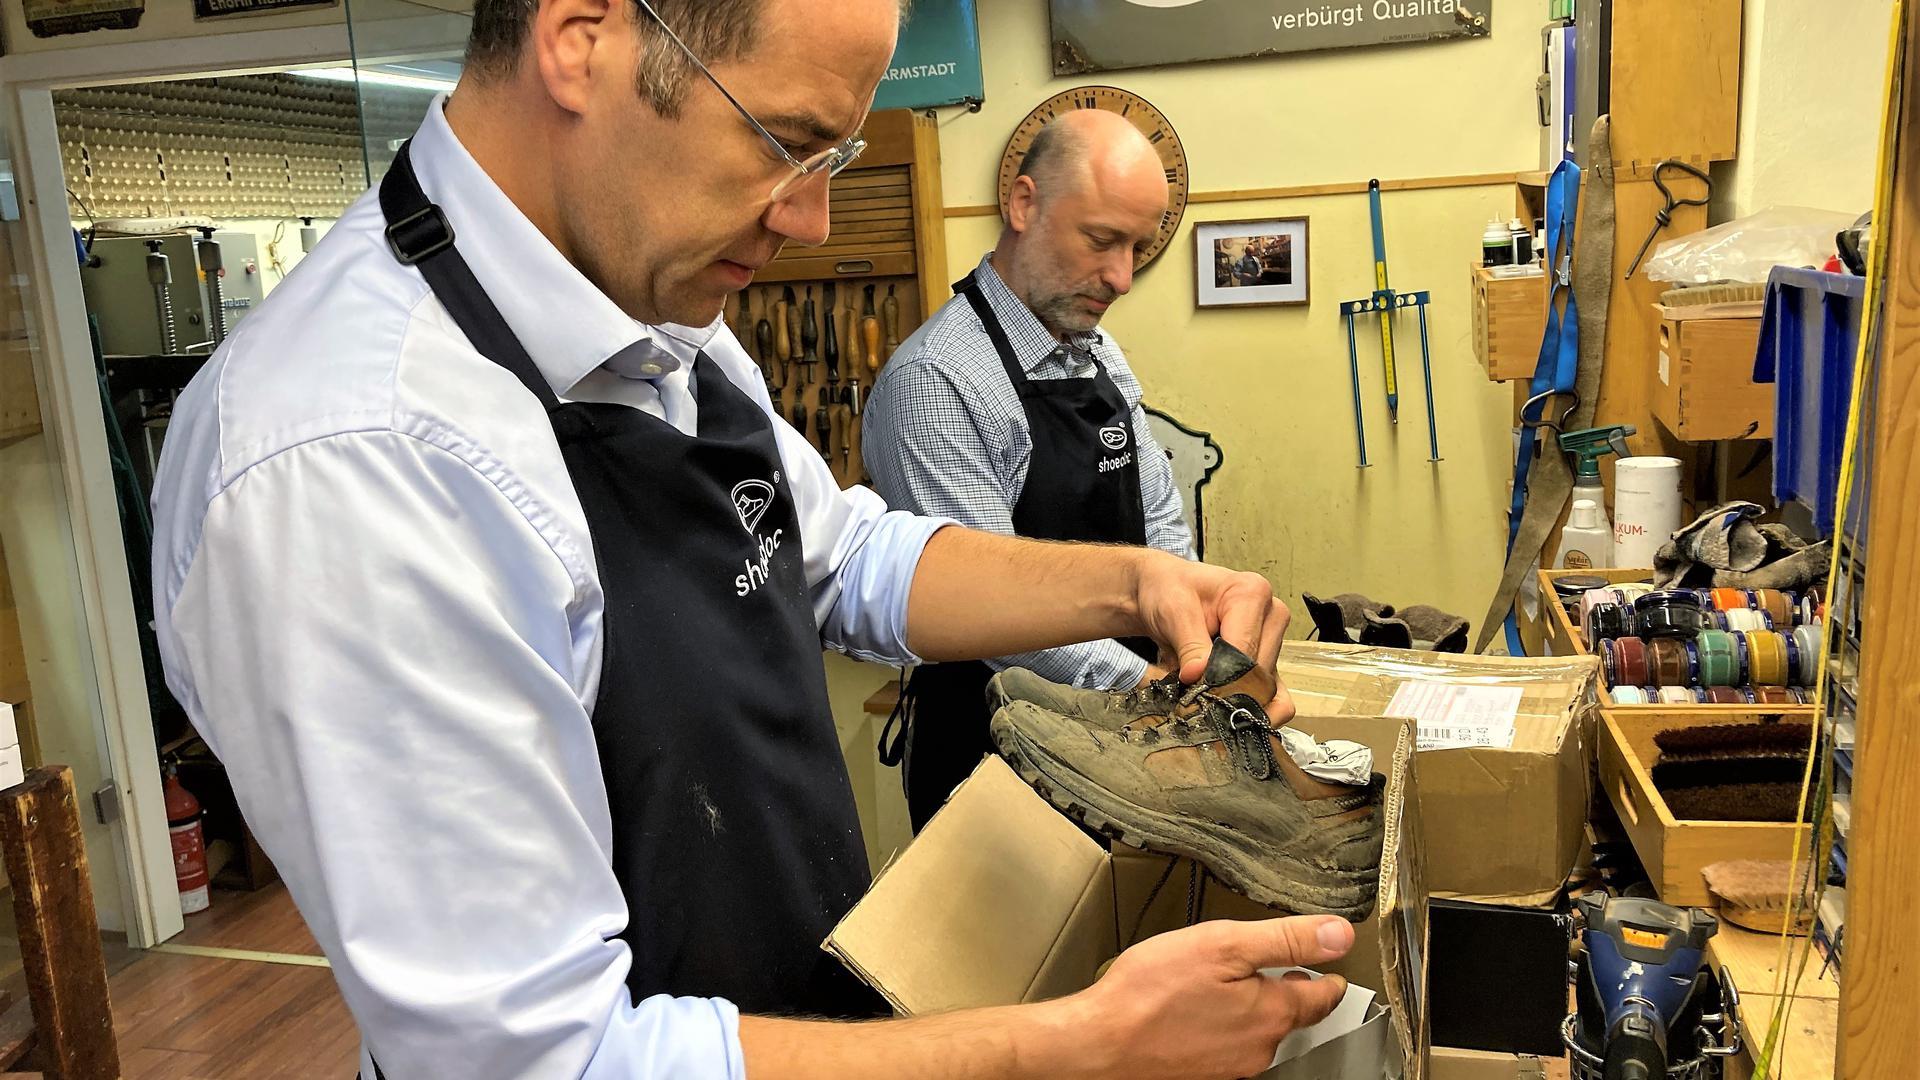 Ein Mann holt ein paar verschmutzte Schuhe aus einem Postpaket.